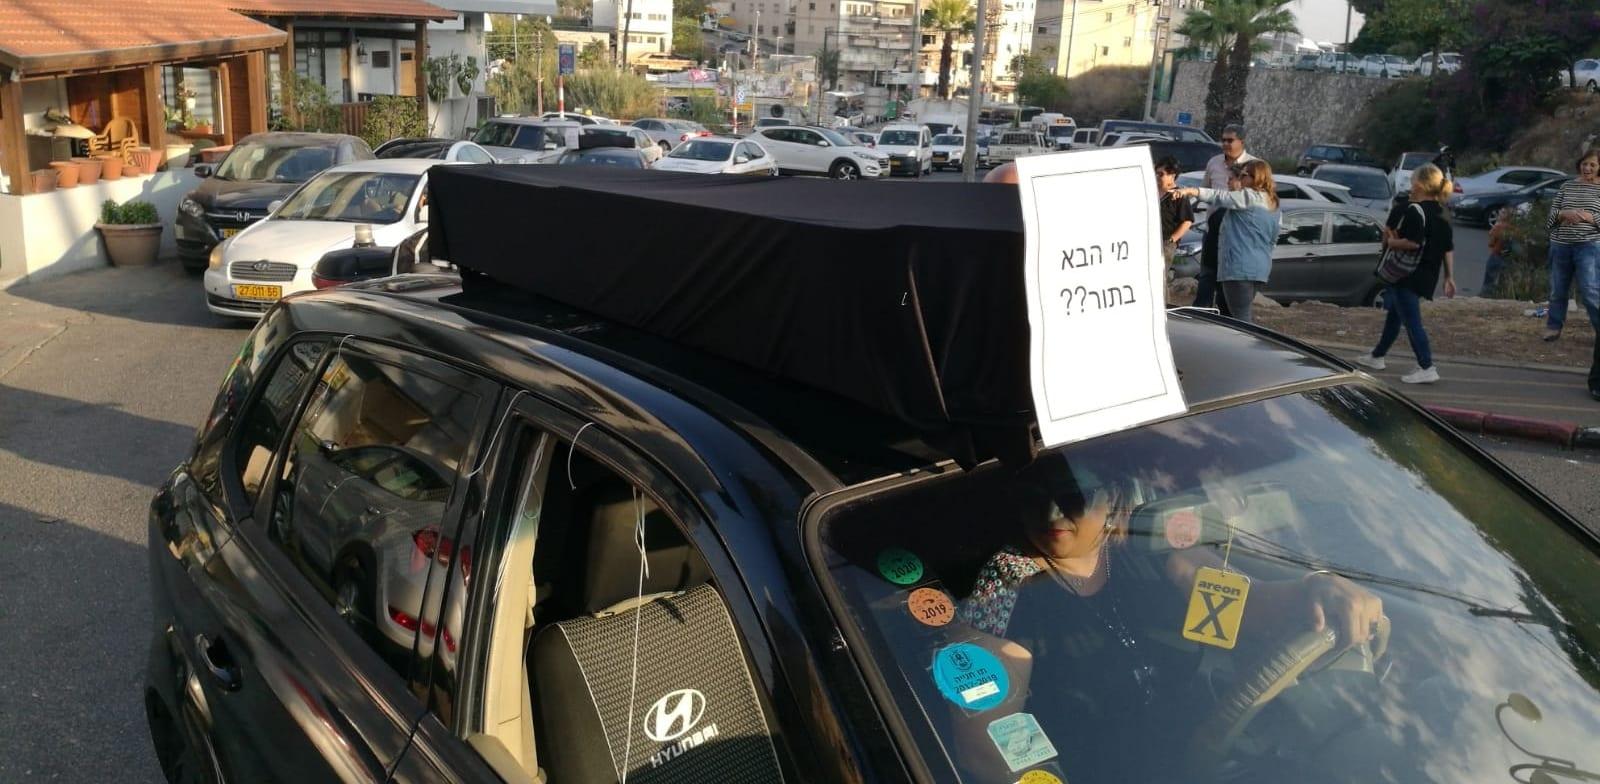 מחאה נגד האלימות מול תחנת המשטרה בנצרת. הבטחת ושמירת הביטחון האישי של האזרחים היא באחריות המדינה / צילום: אלי אשכנזי, וואלה! NEWS